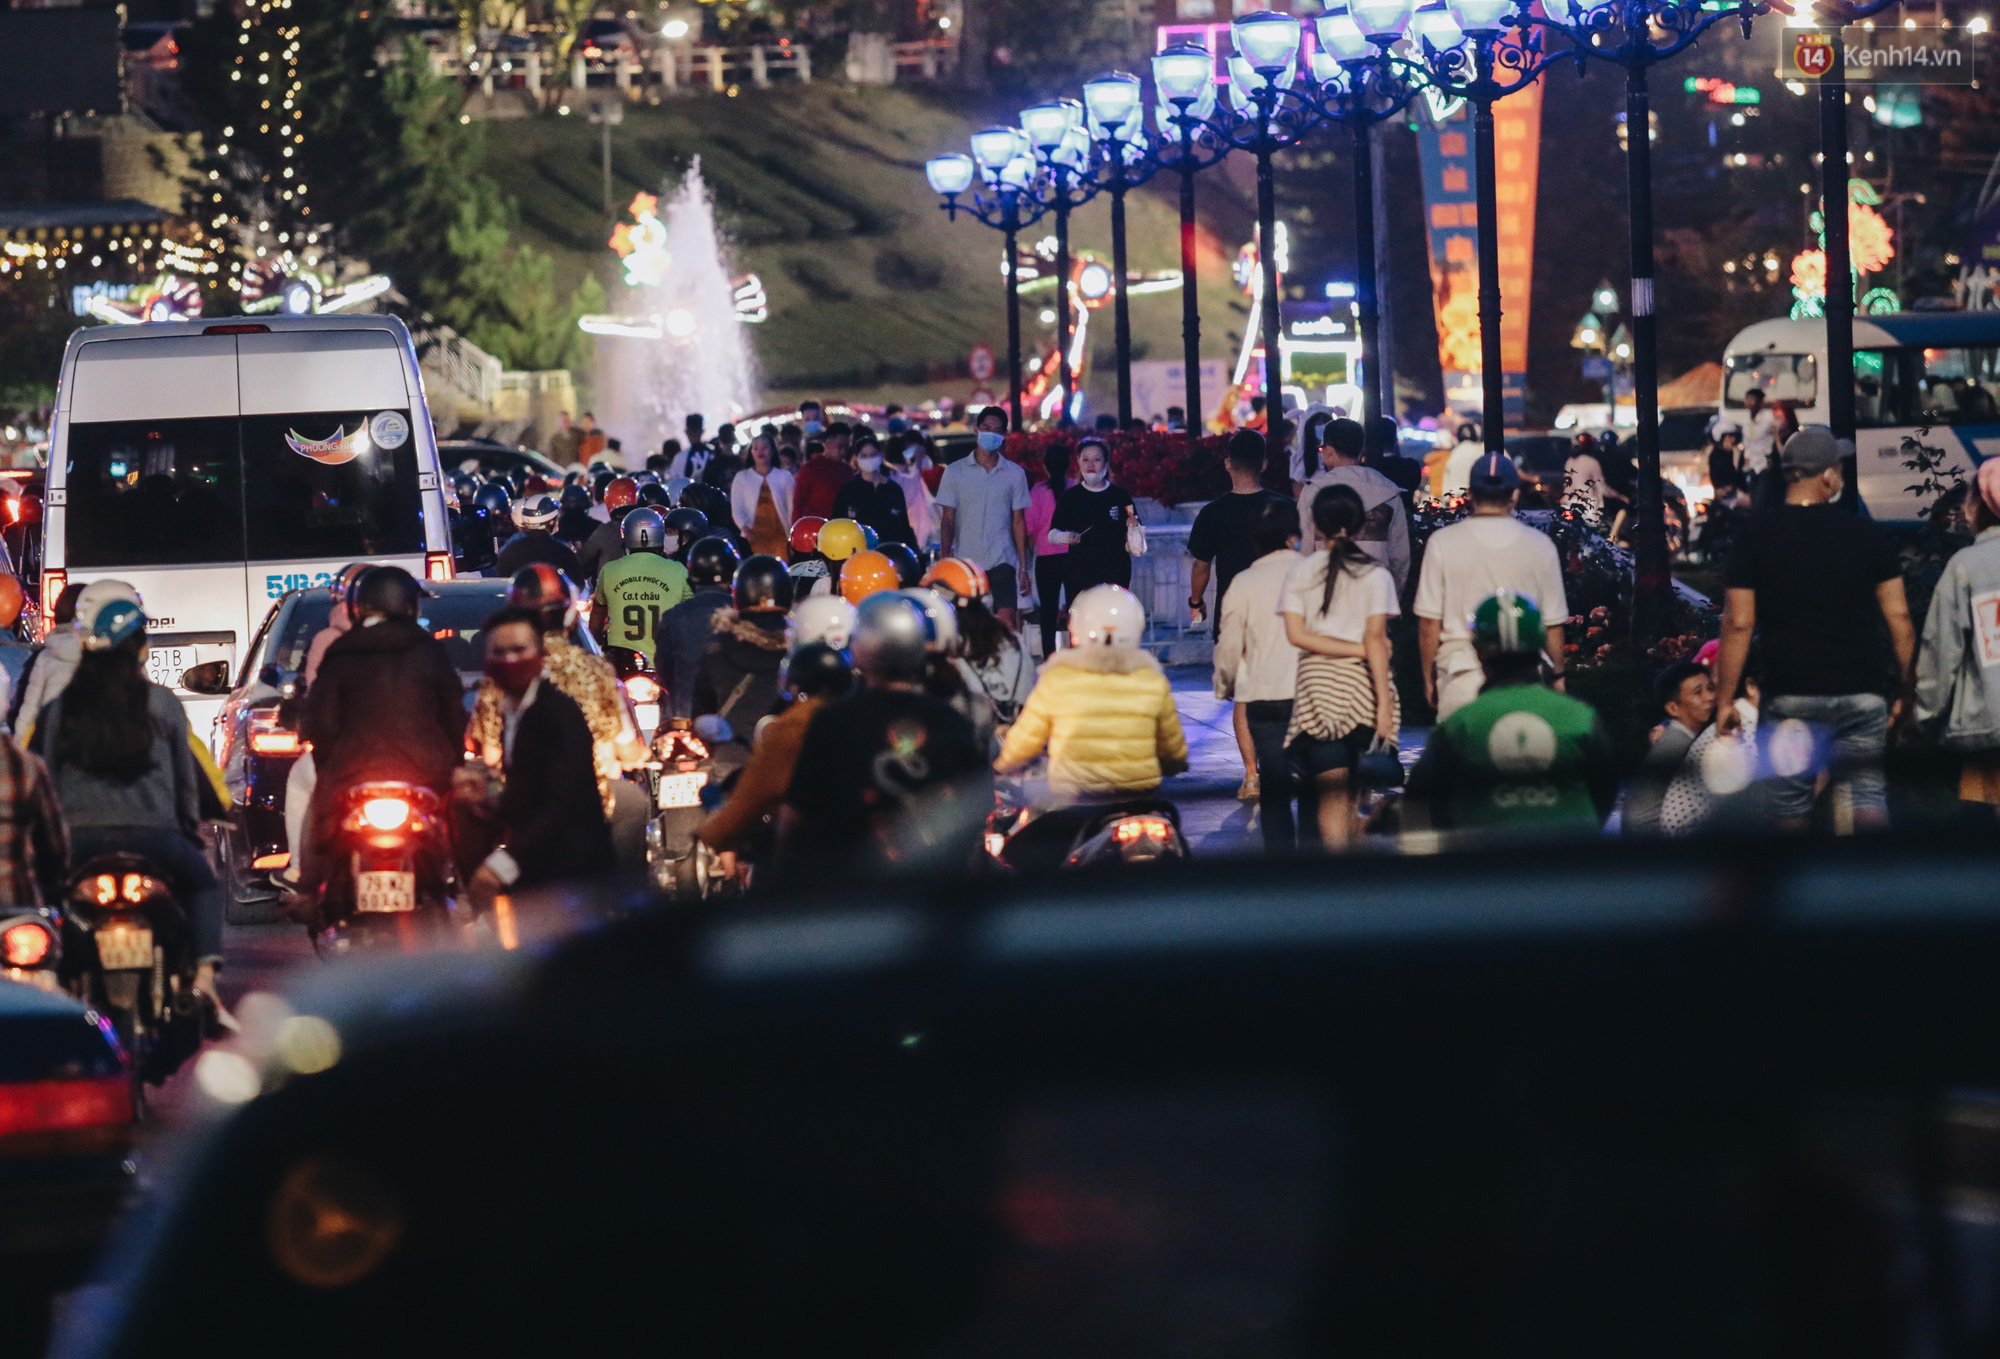 Trung tâm TP. Đà Lạt tê liệt từ chiều đến tối do lượng du khách tăng đột biến dịp lễ 30/4 - Ảnh 15.